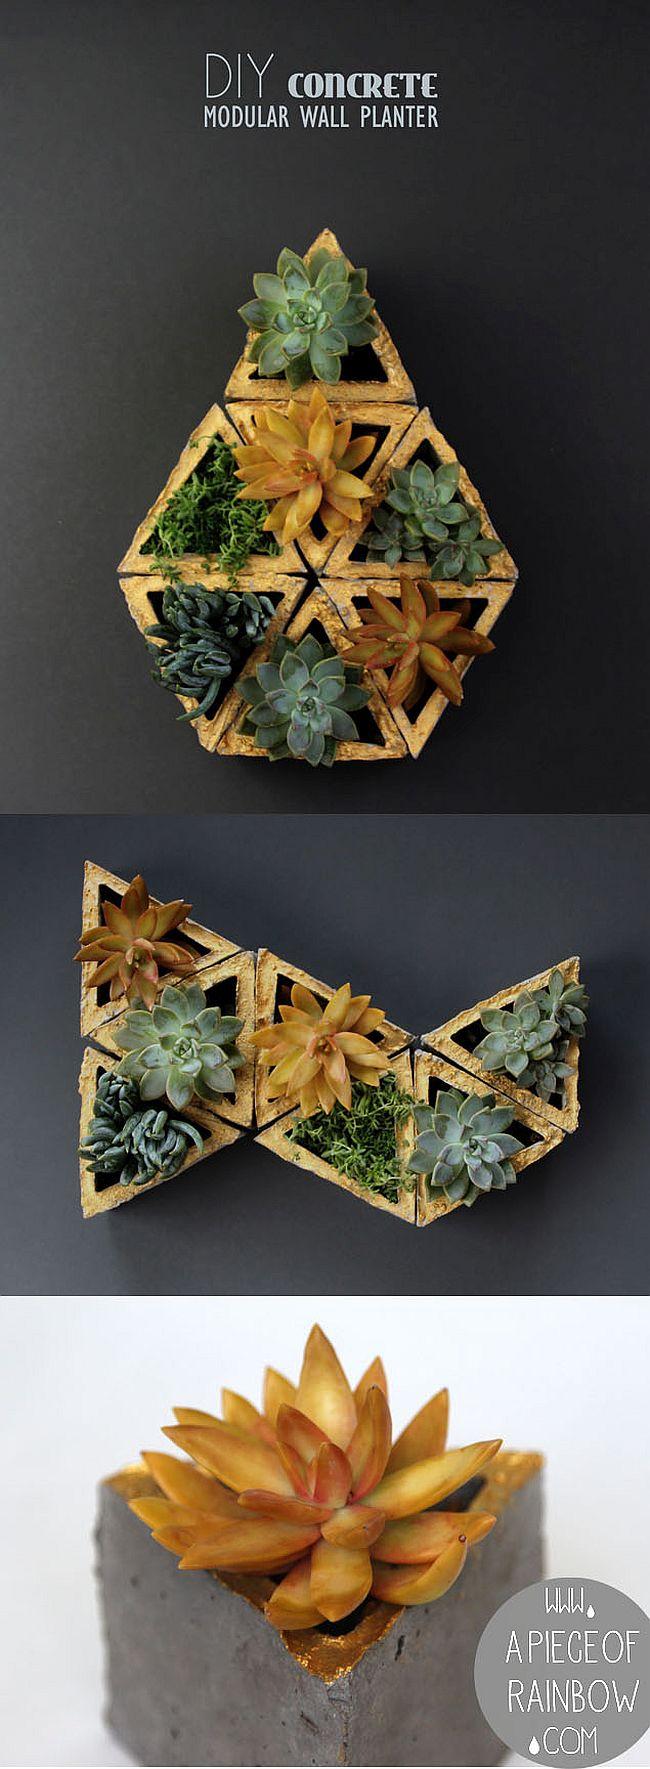 DIY concrete modular wall planter